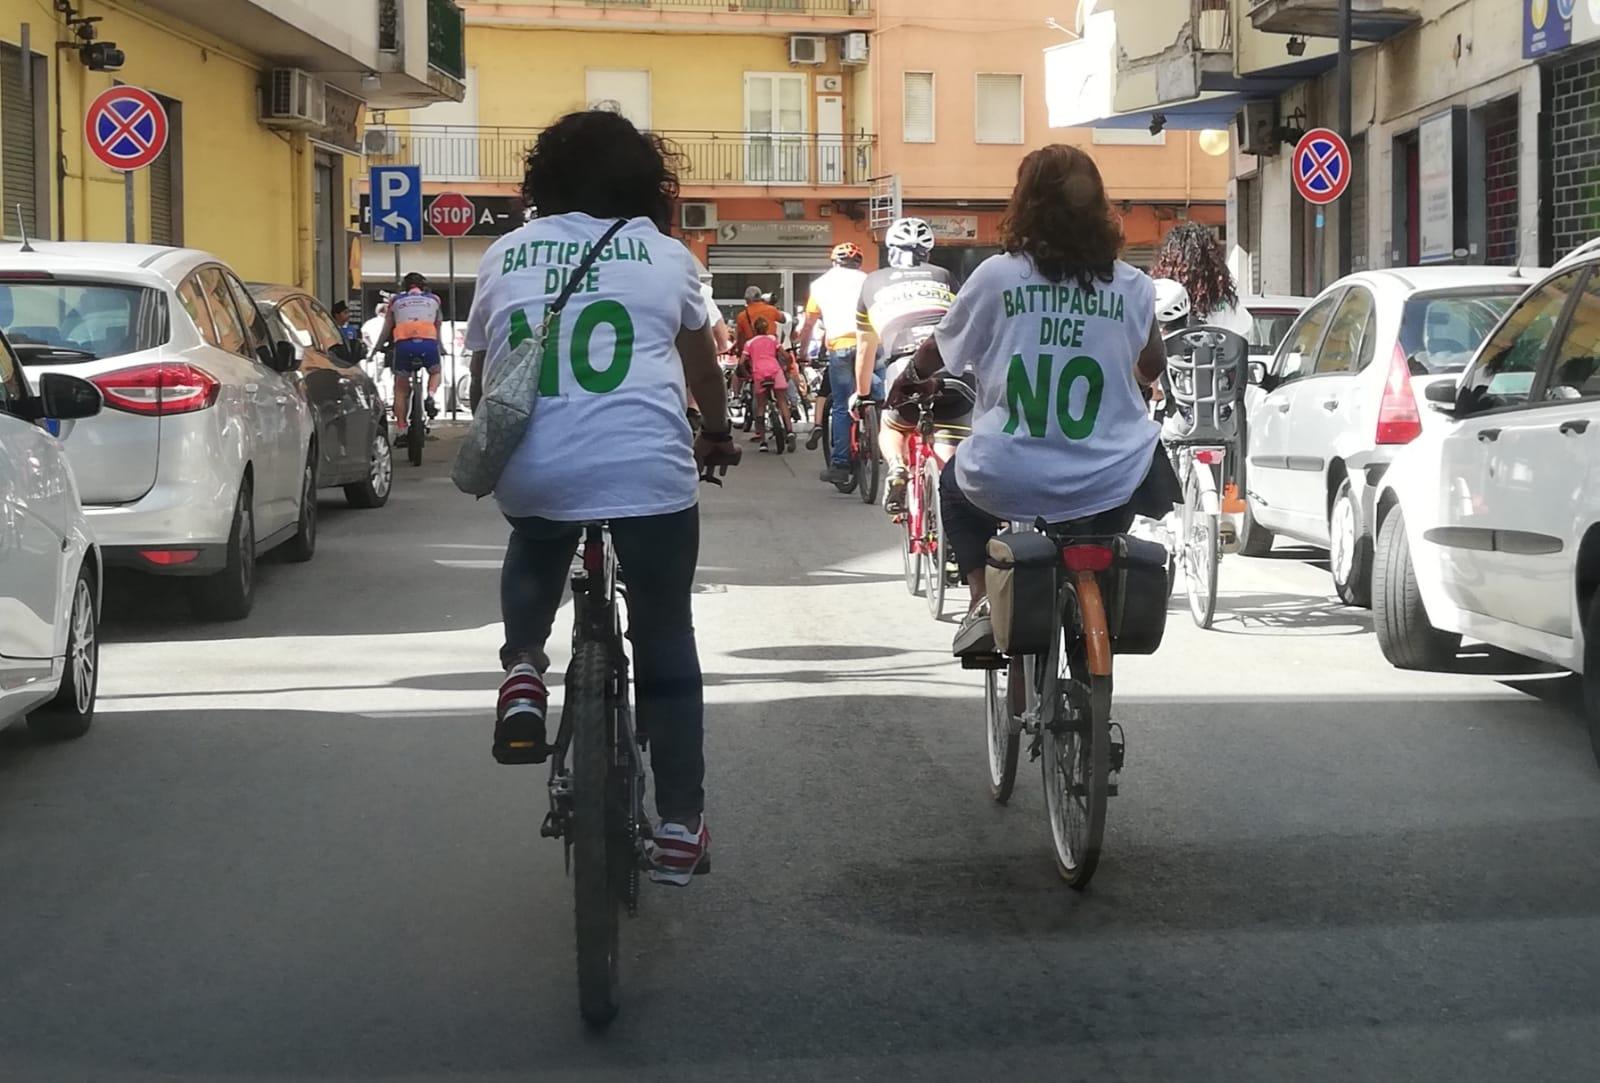 Passeggiata Ecologica In Bicicletta: Per Dire 'No' Al Ciclo Illegale Dei Rifiuti